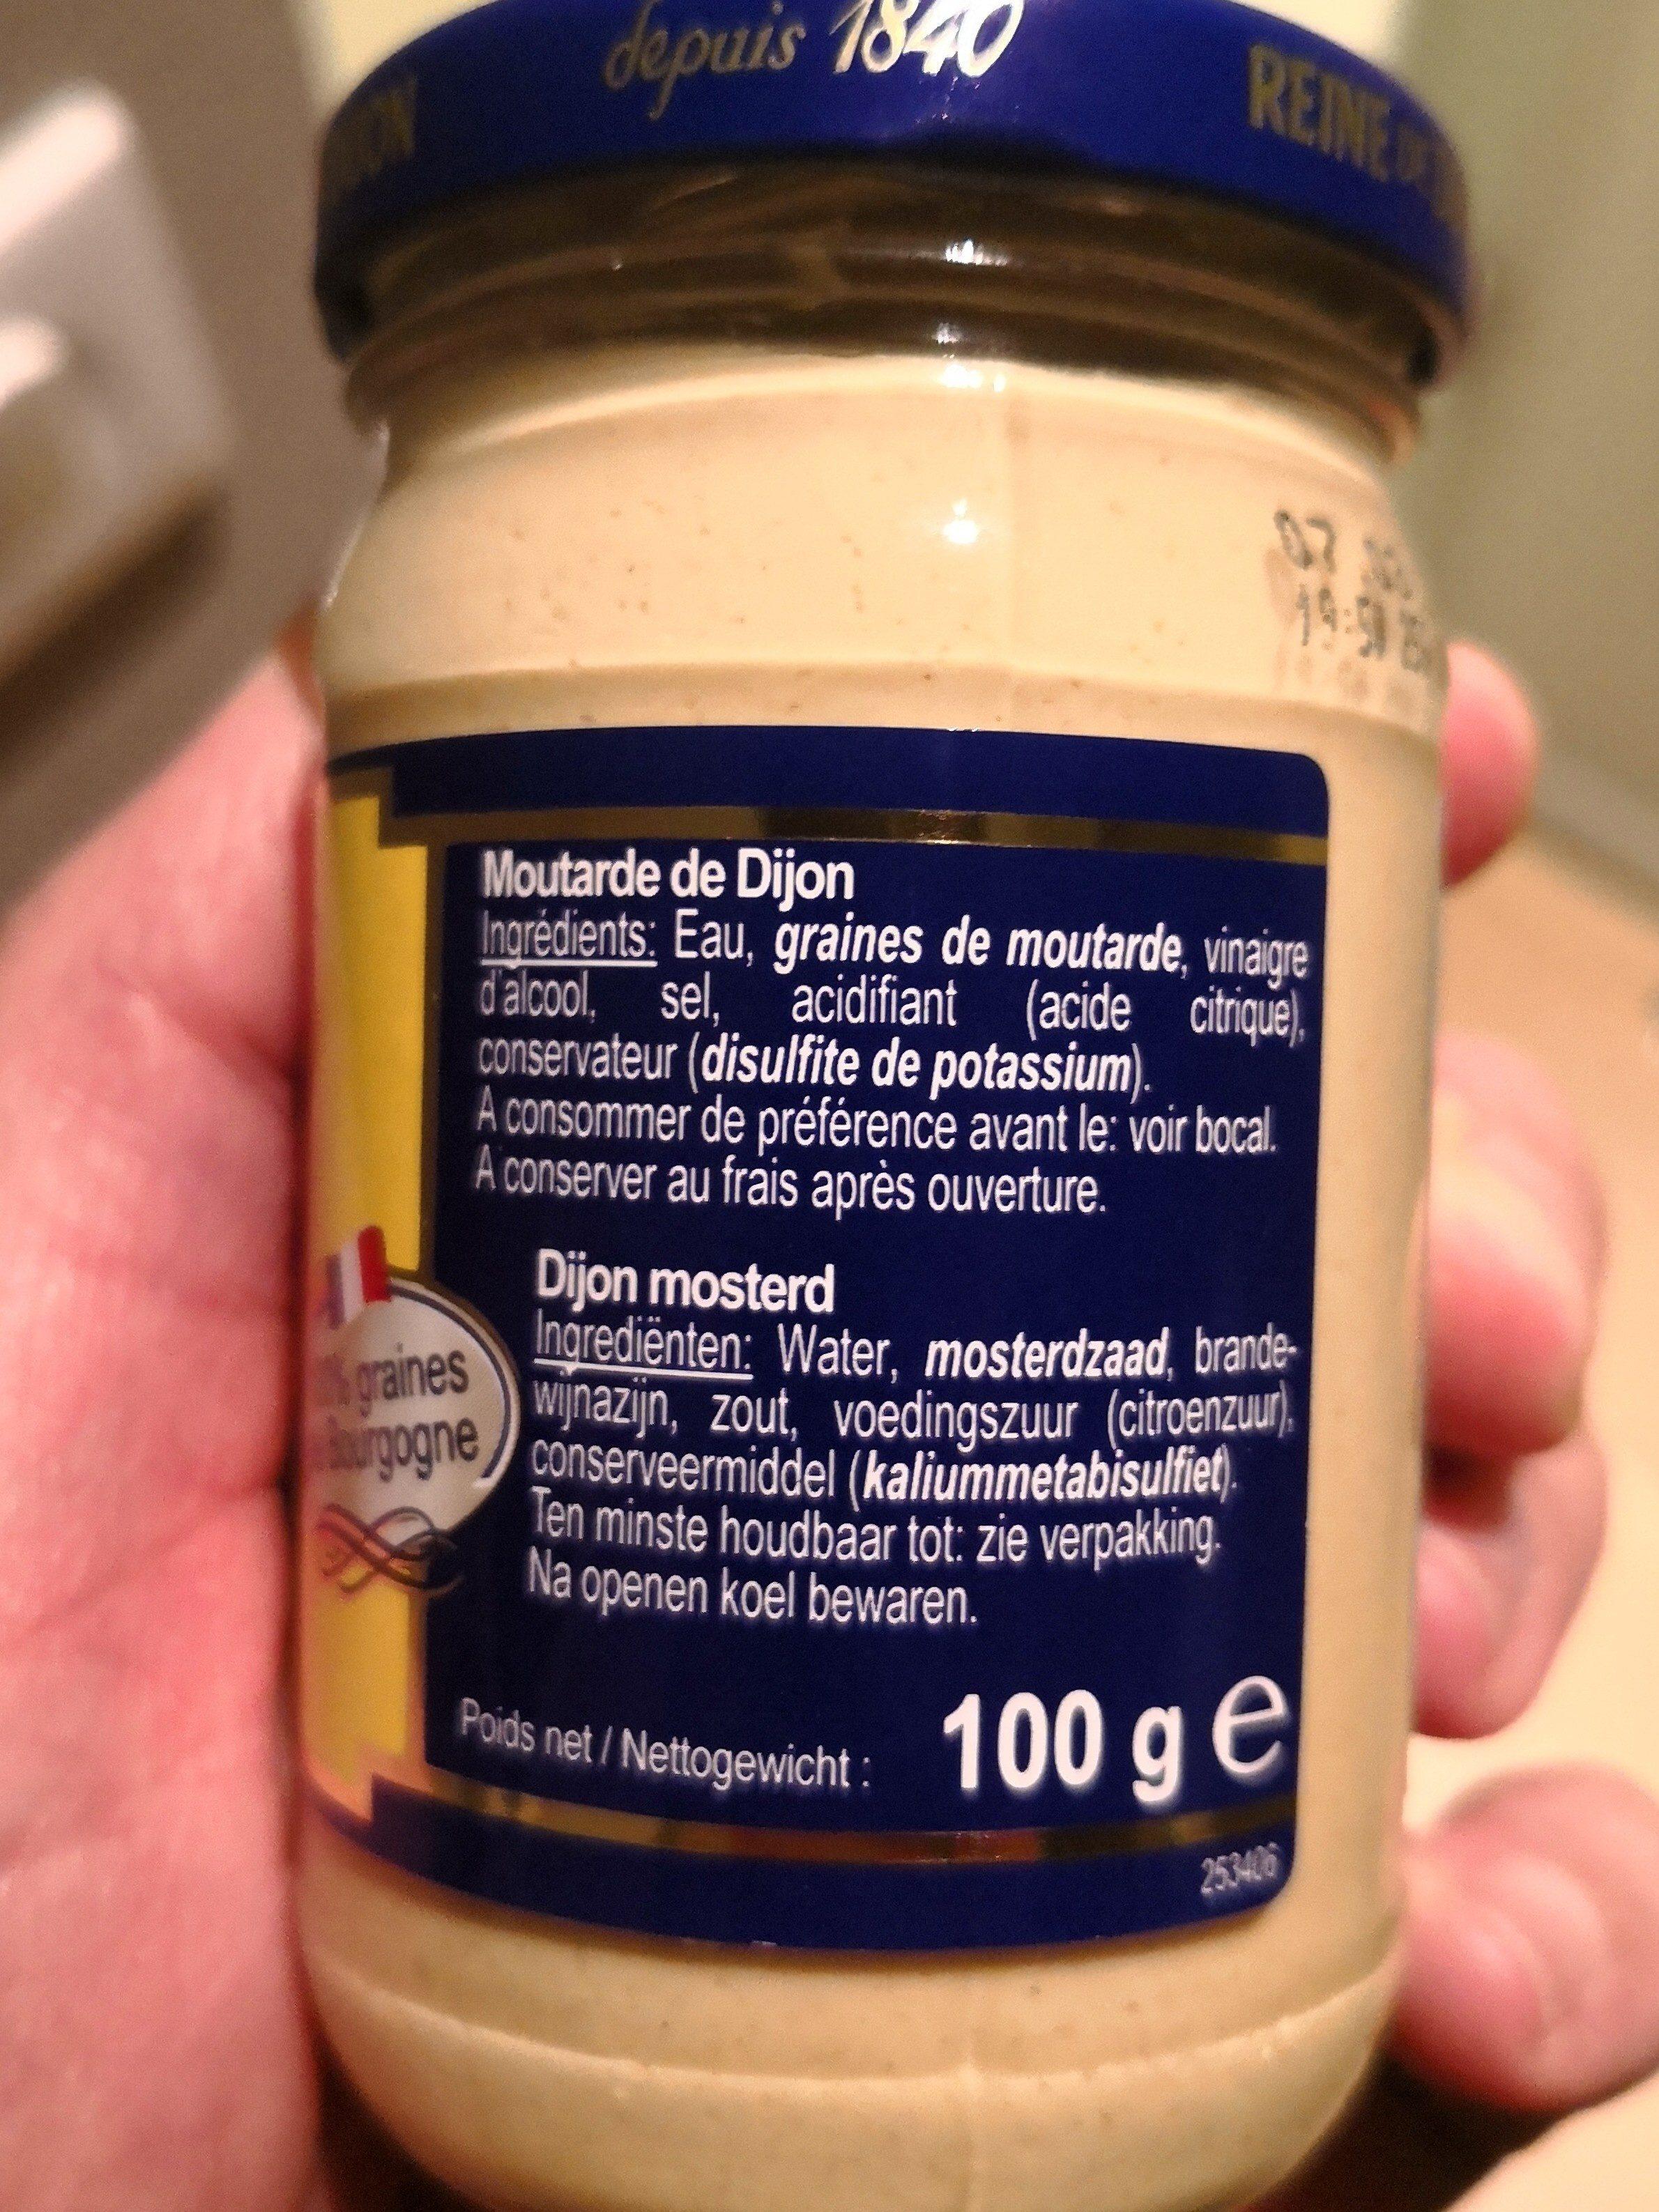 Reine Dijon Most.ex-fuerte 100 - Ingredientes